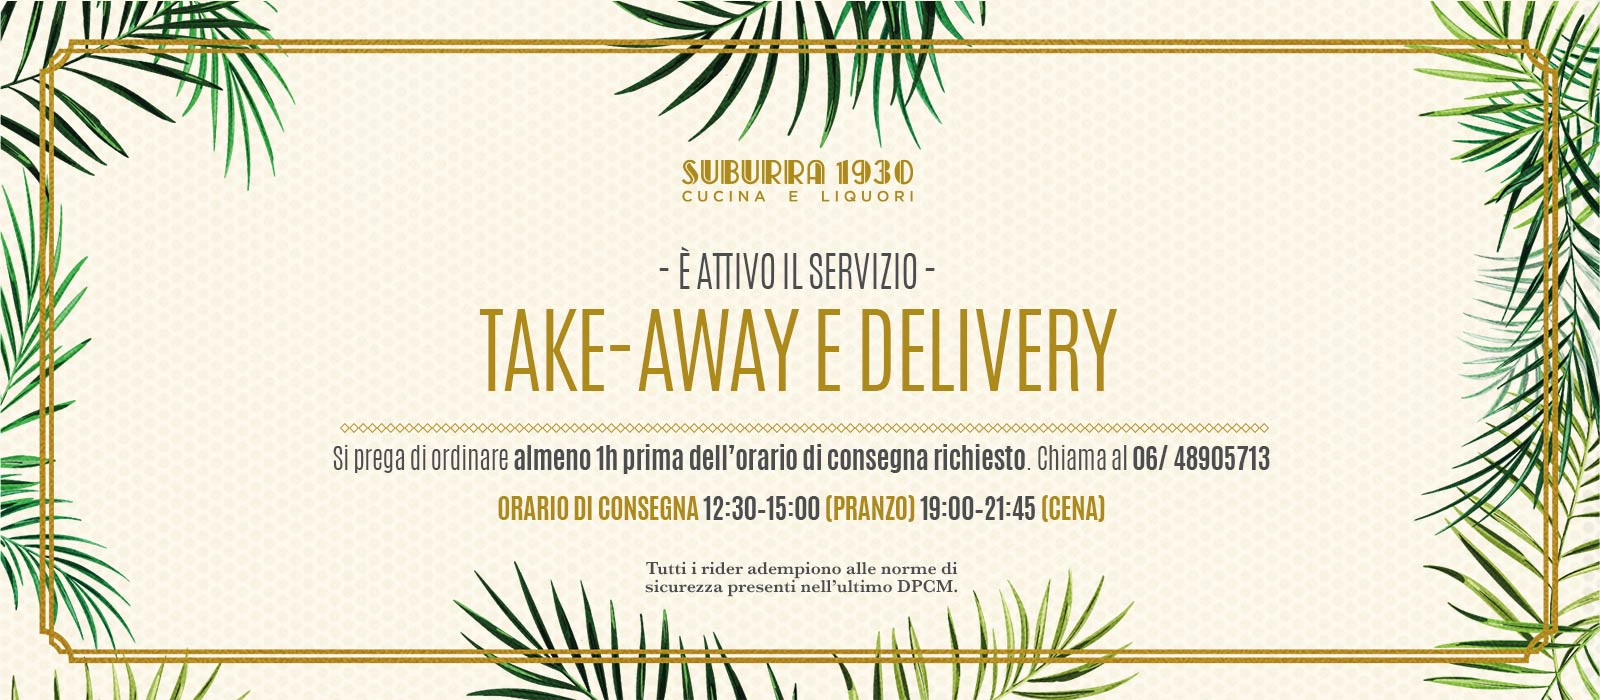 Suburra Servizio Take-Away e Delivery